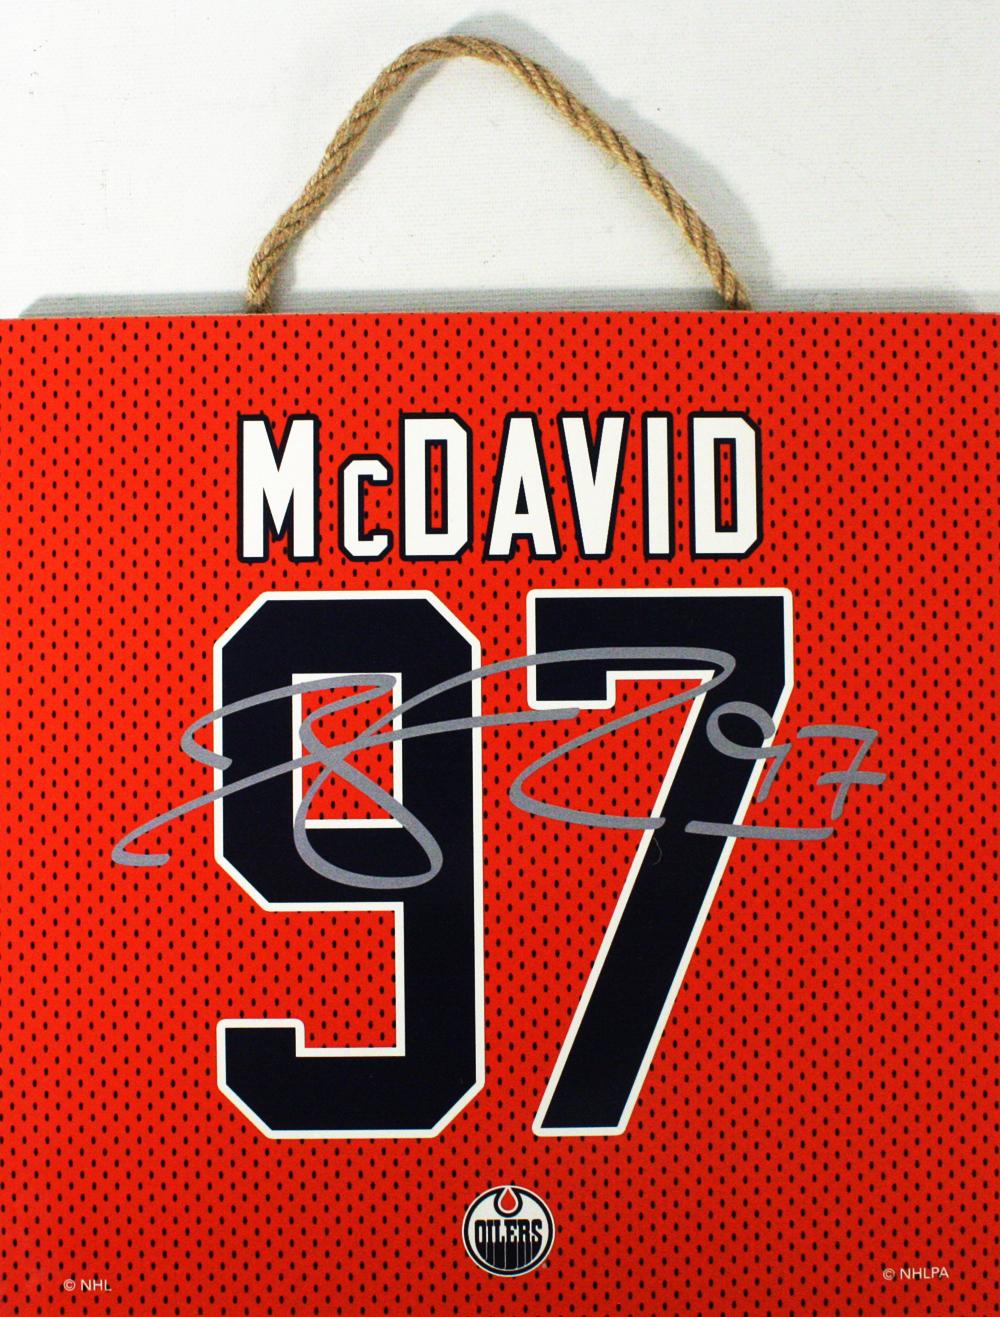 EDMONTON OILERS -  CONNOR MCDAVID #97 AUTOGRPAHED WOODEN PLAQUE (10